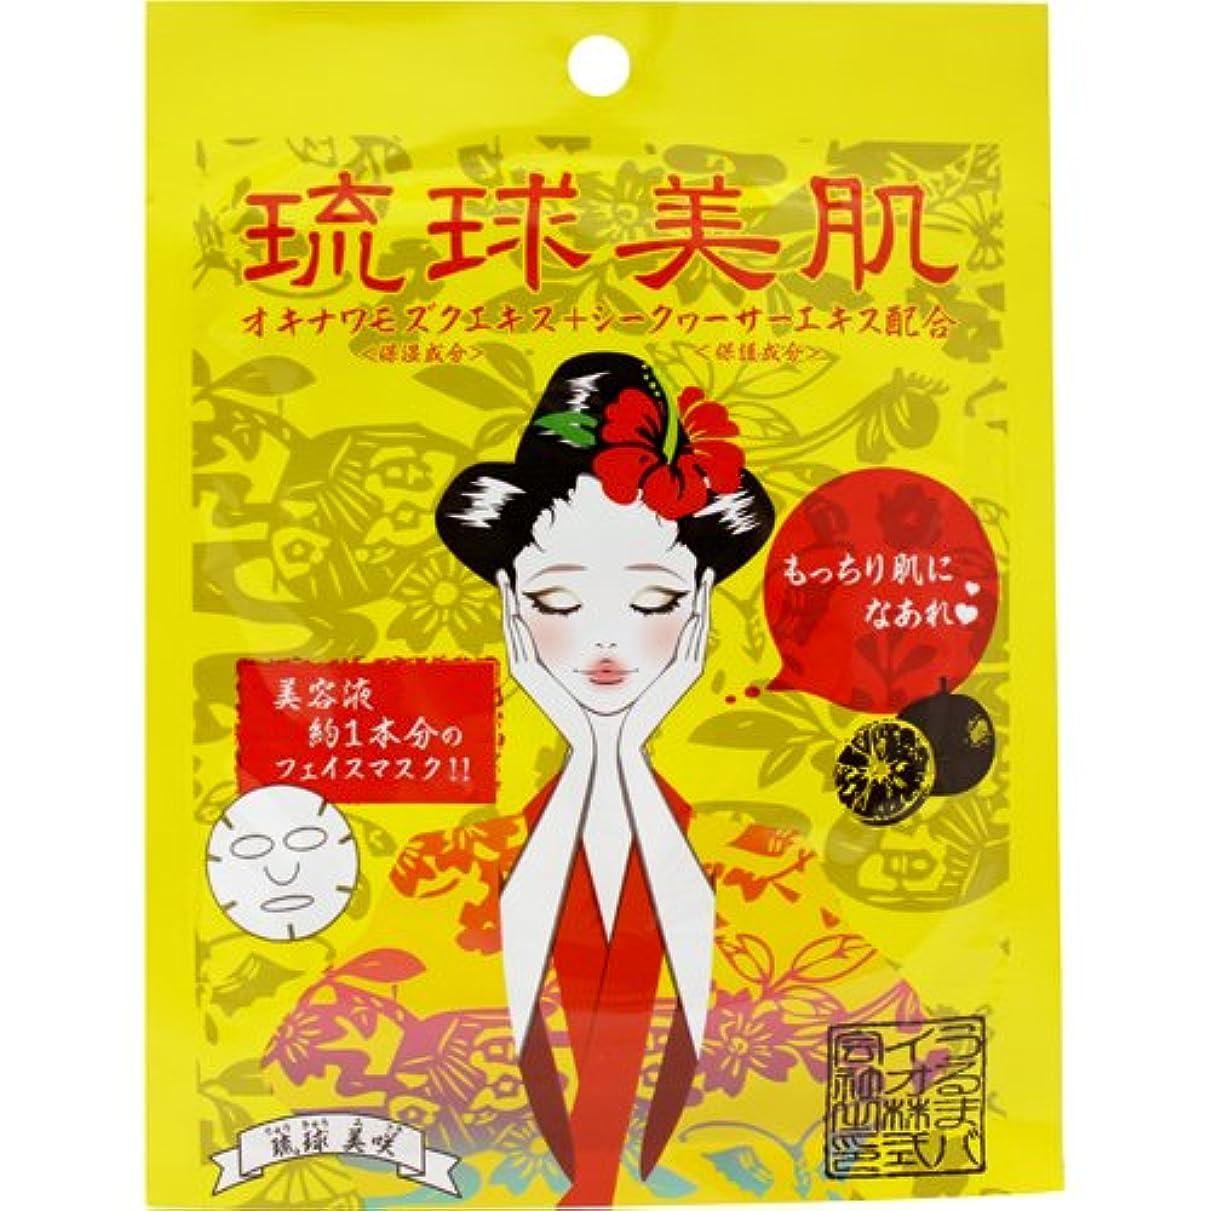 続ける立法コーナー琉球美肌フェイスマスクシート黄 (シークァーサーの香り)×10パック